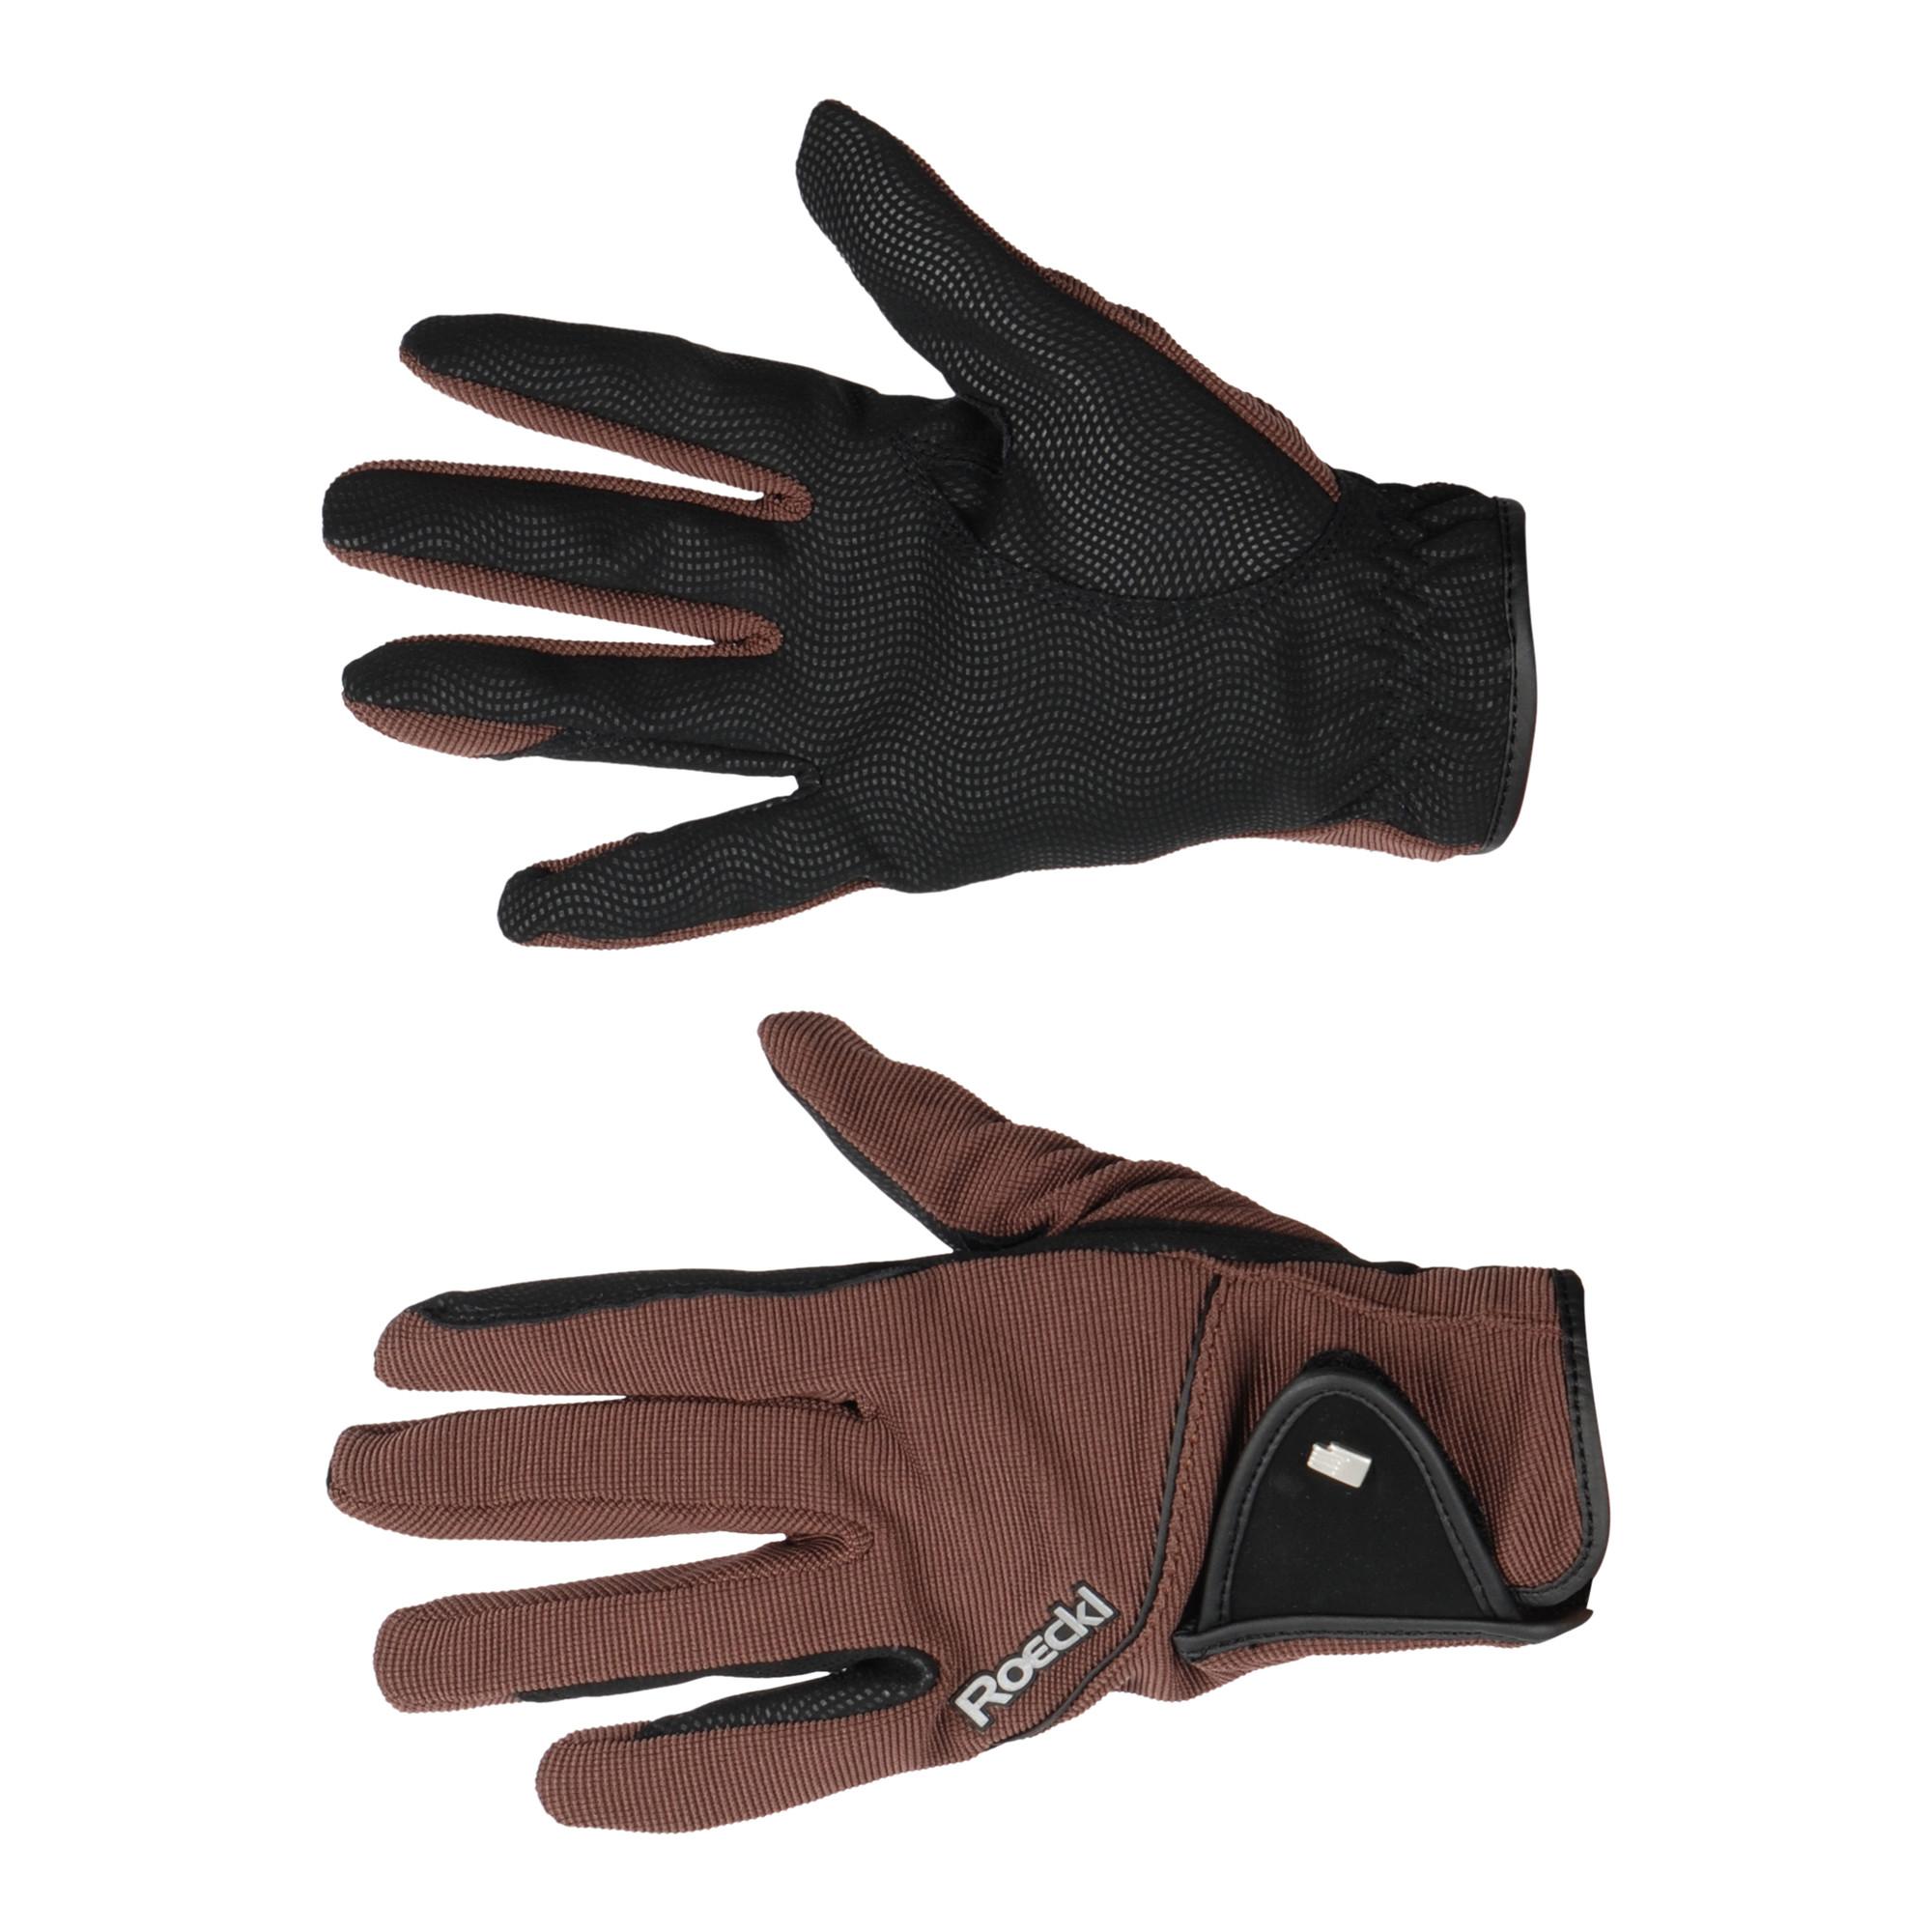 Roeckl Milano handschoenen donkerbruin maat:7,5